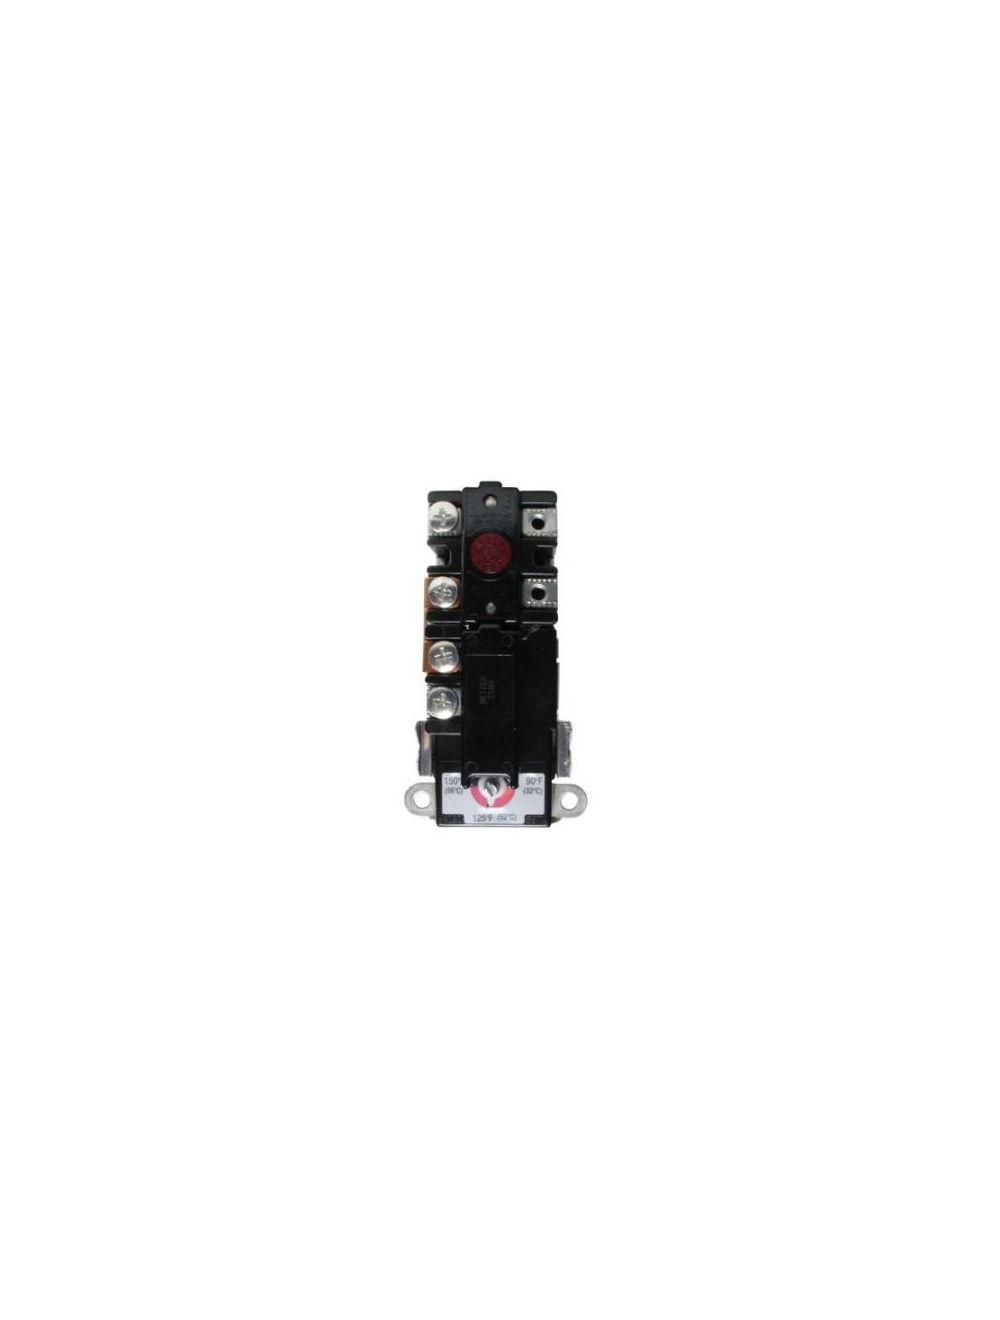 Thermostat Single Pole